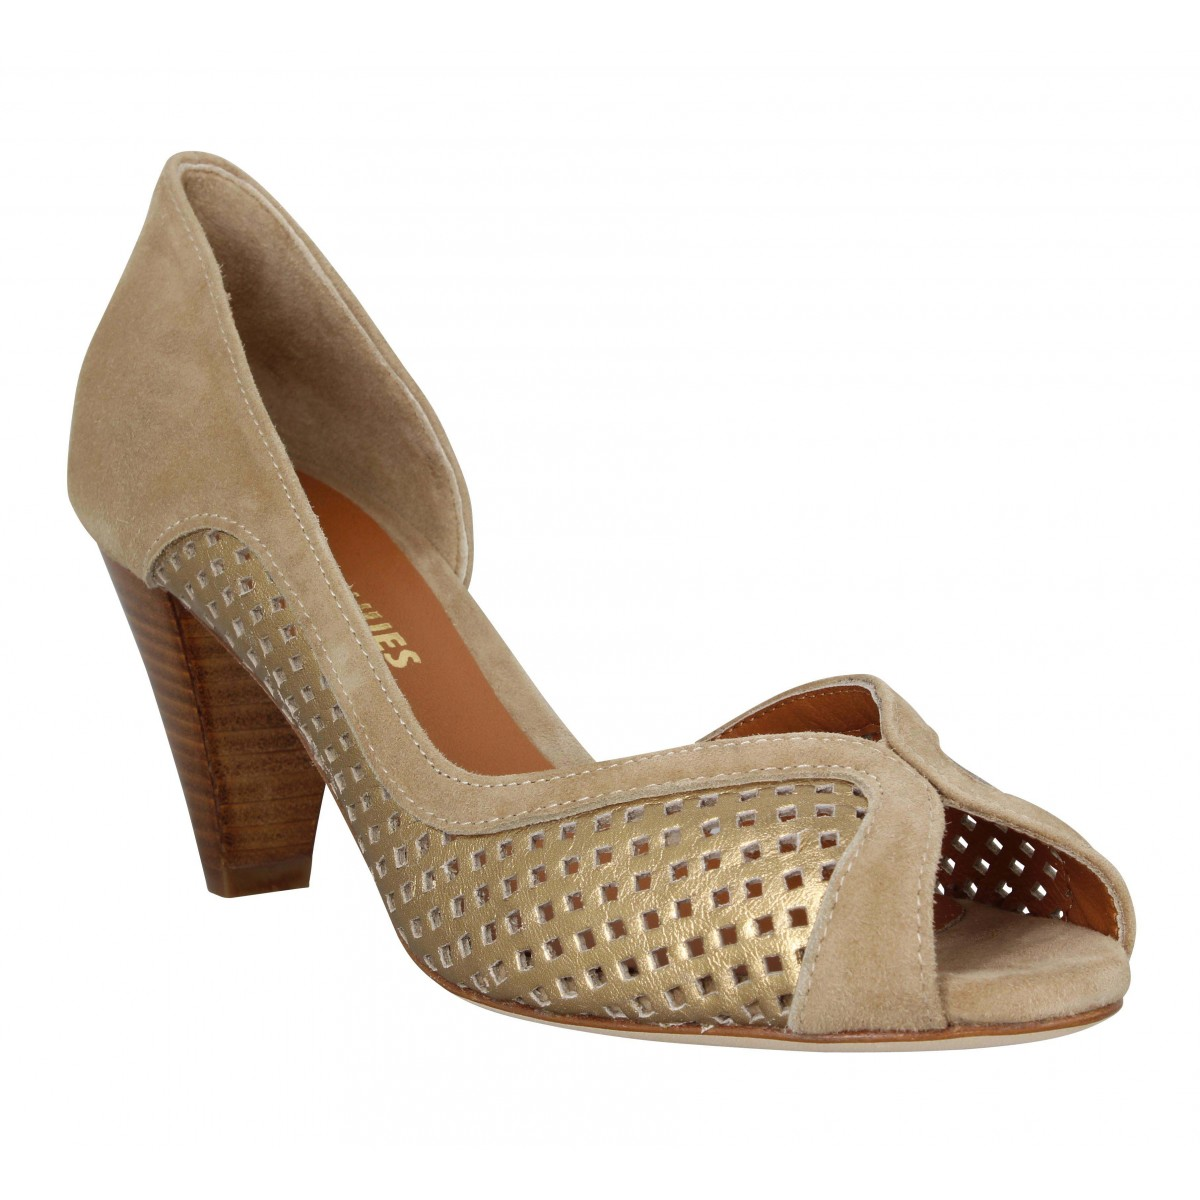 Sandales talons LES VENUES 3655 cuir velours Femme Beige